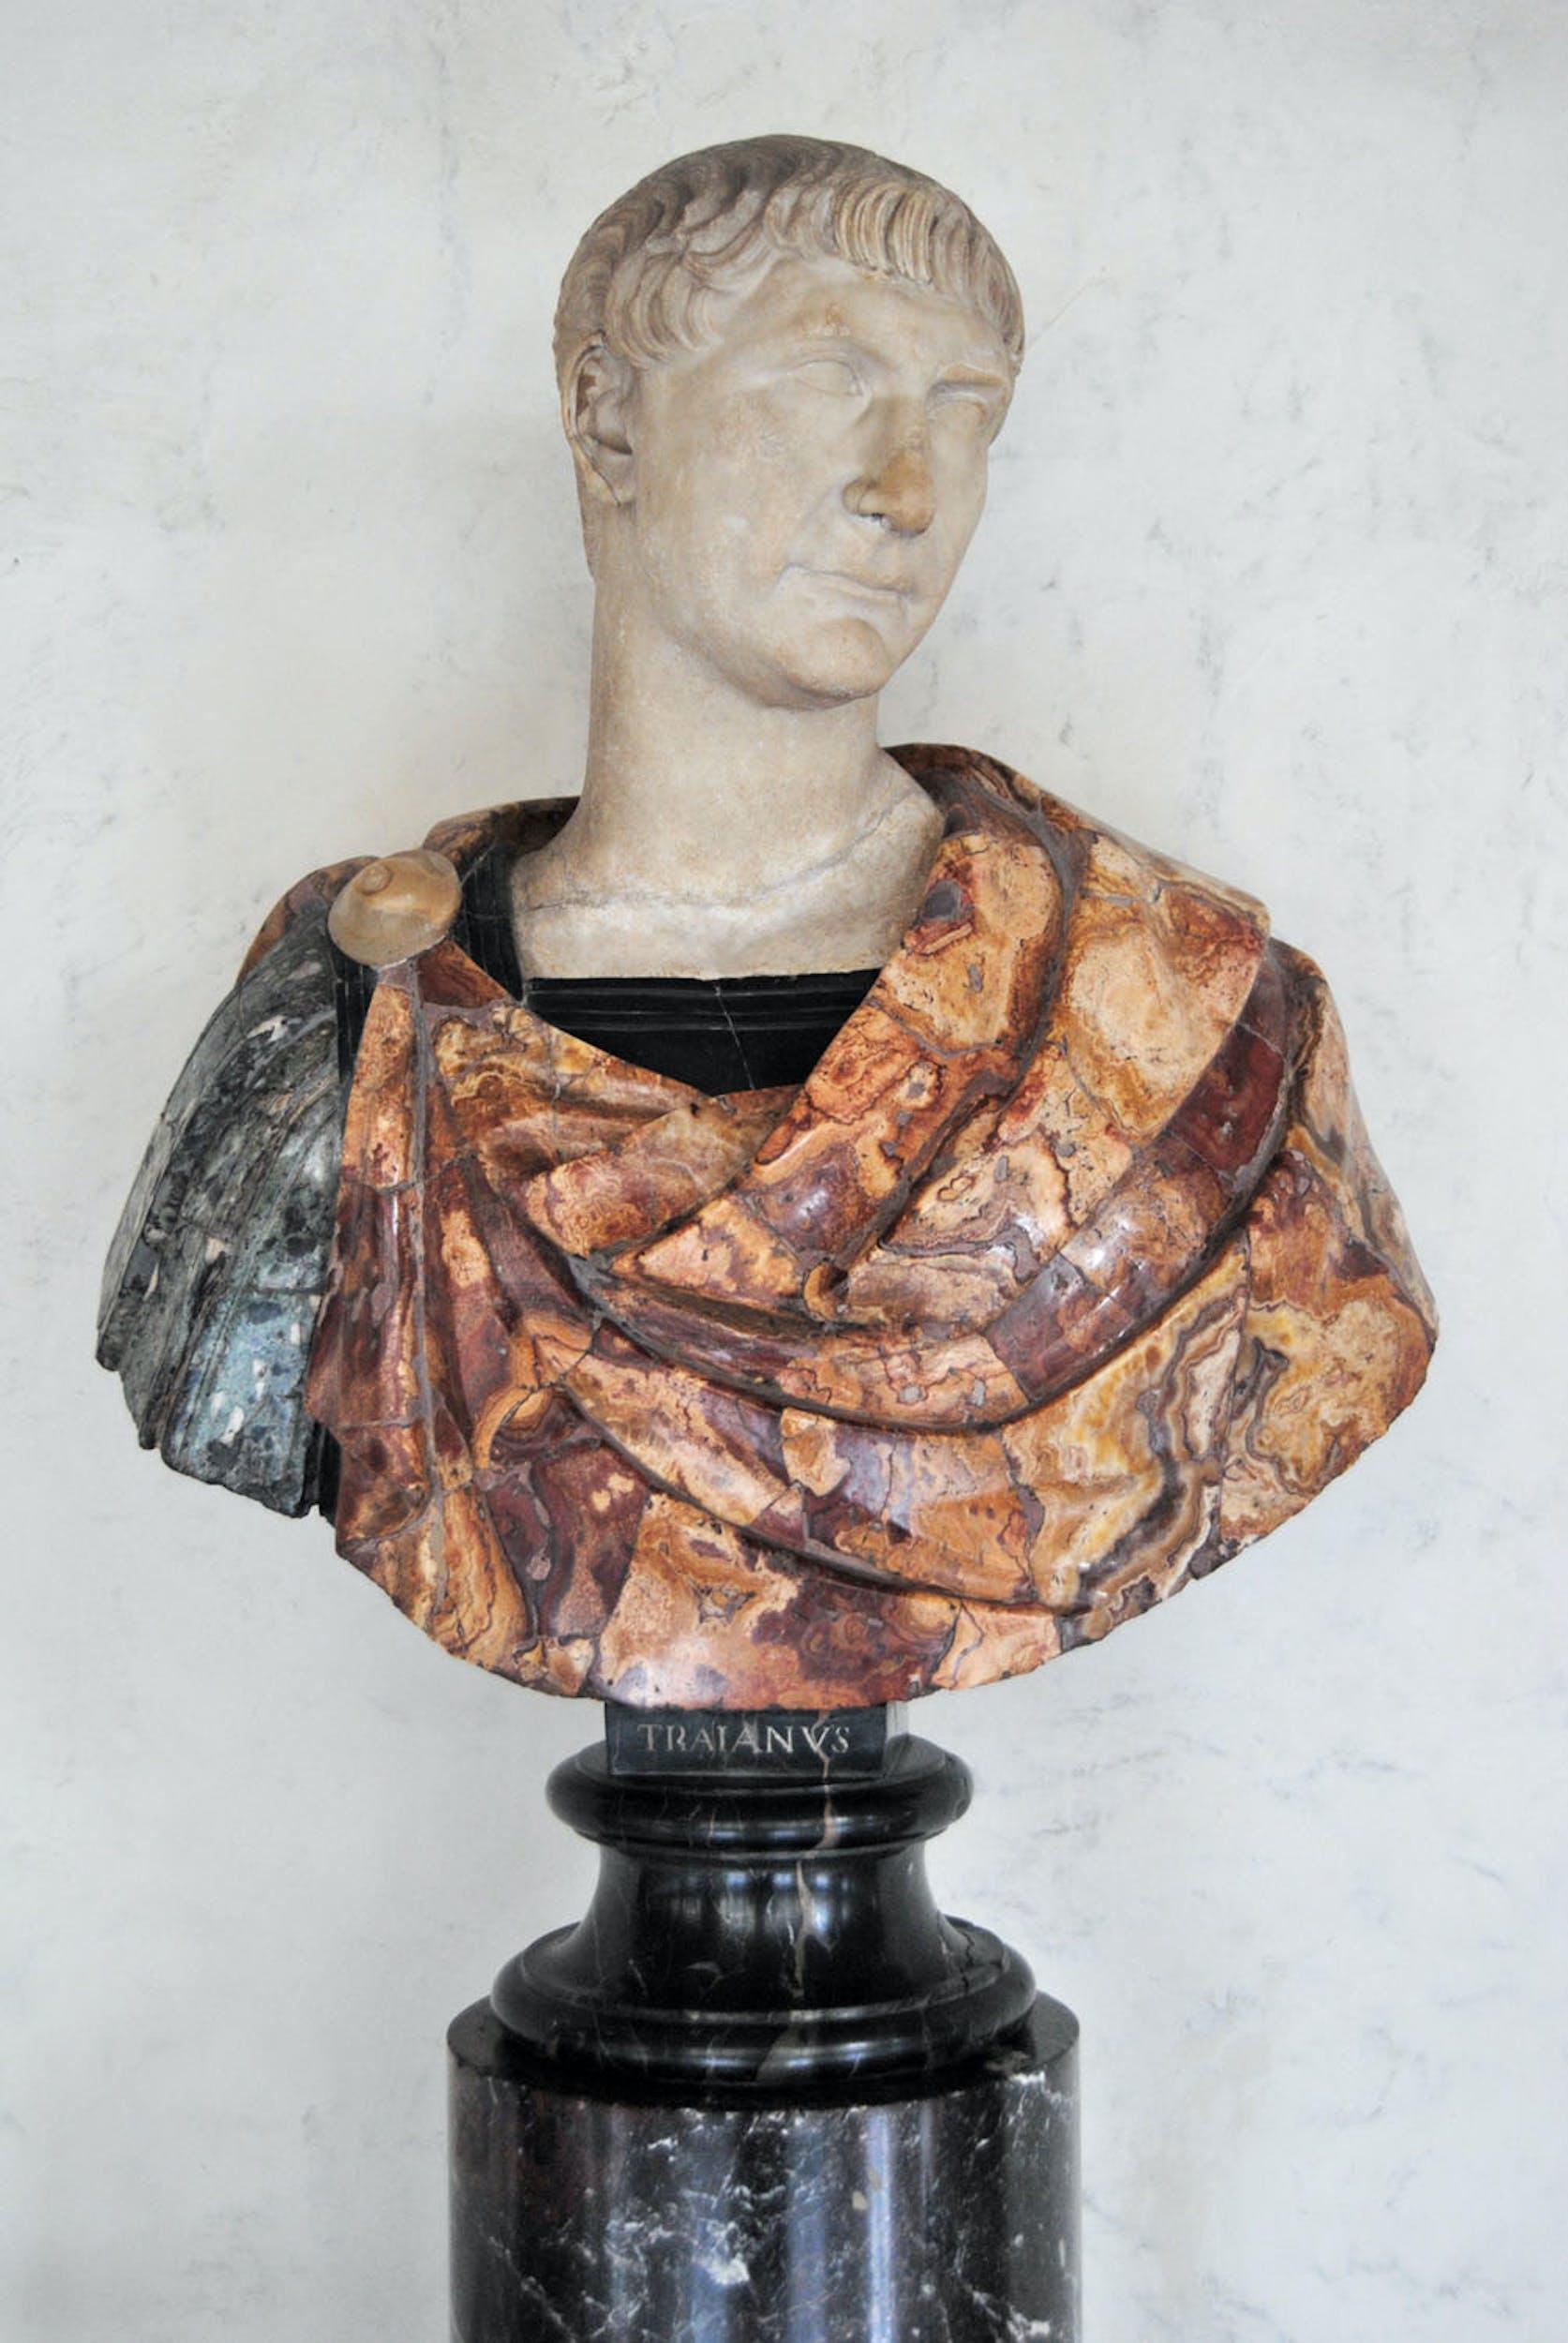 Busto di Traiano,  inizio II secolo d.C.,  Galleria delle Statue e delle Pitture, Gallerie degli Uffizi, Firenze